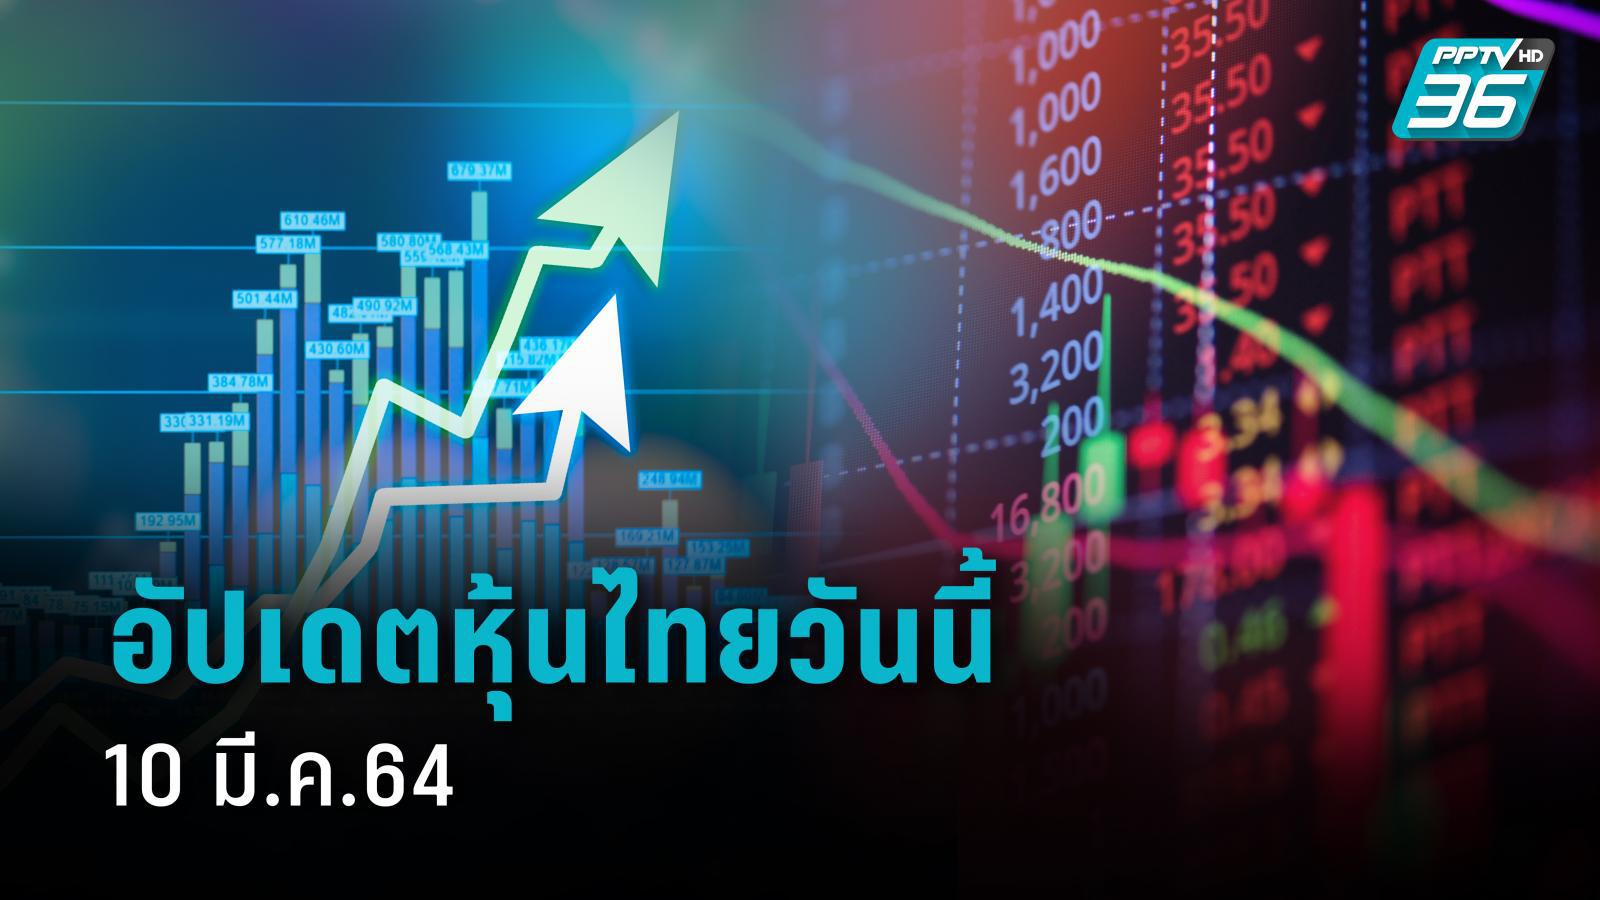 หุ้นไทย (10 มี.ค.64)  ปิดการซื้อขายที่ระดับ 1,573.05 จุด ปรับเพิ่ม +22.46จุด